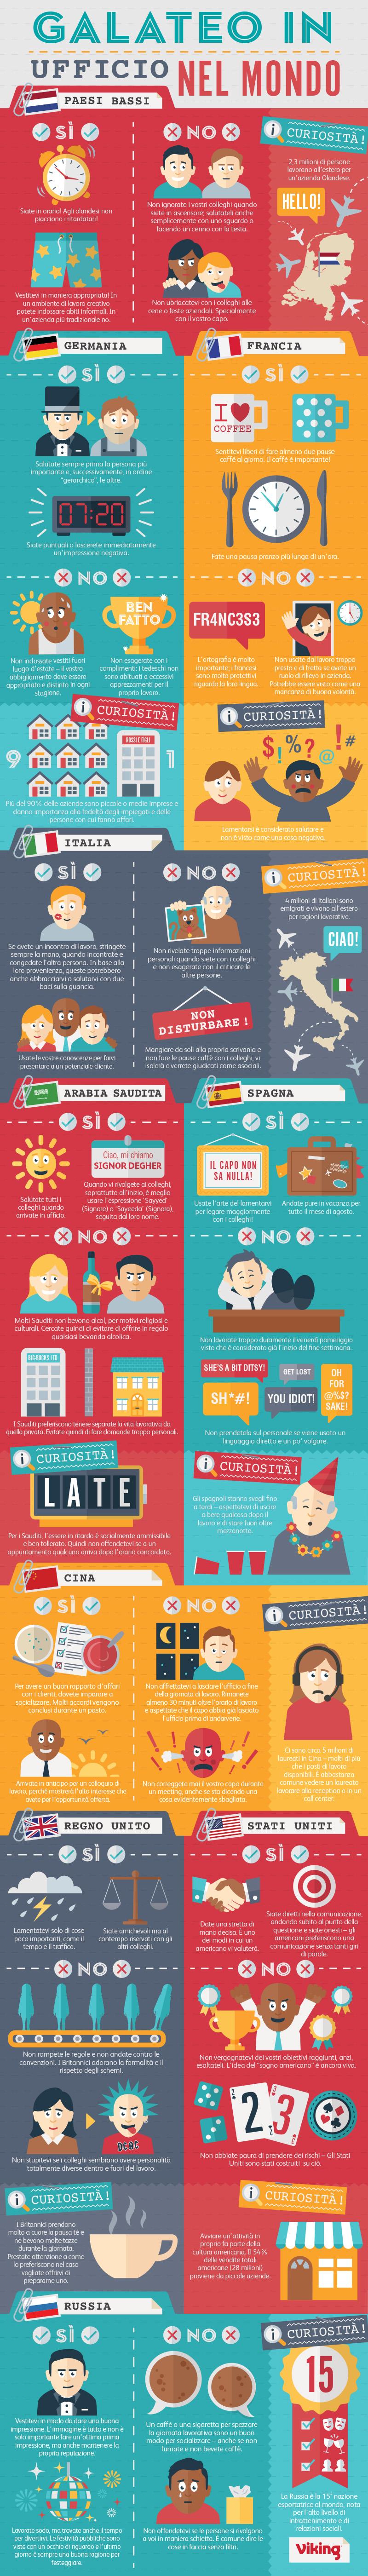 Office Etiquette Italian_Stg3